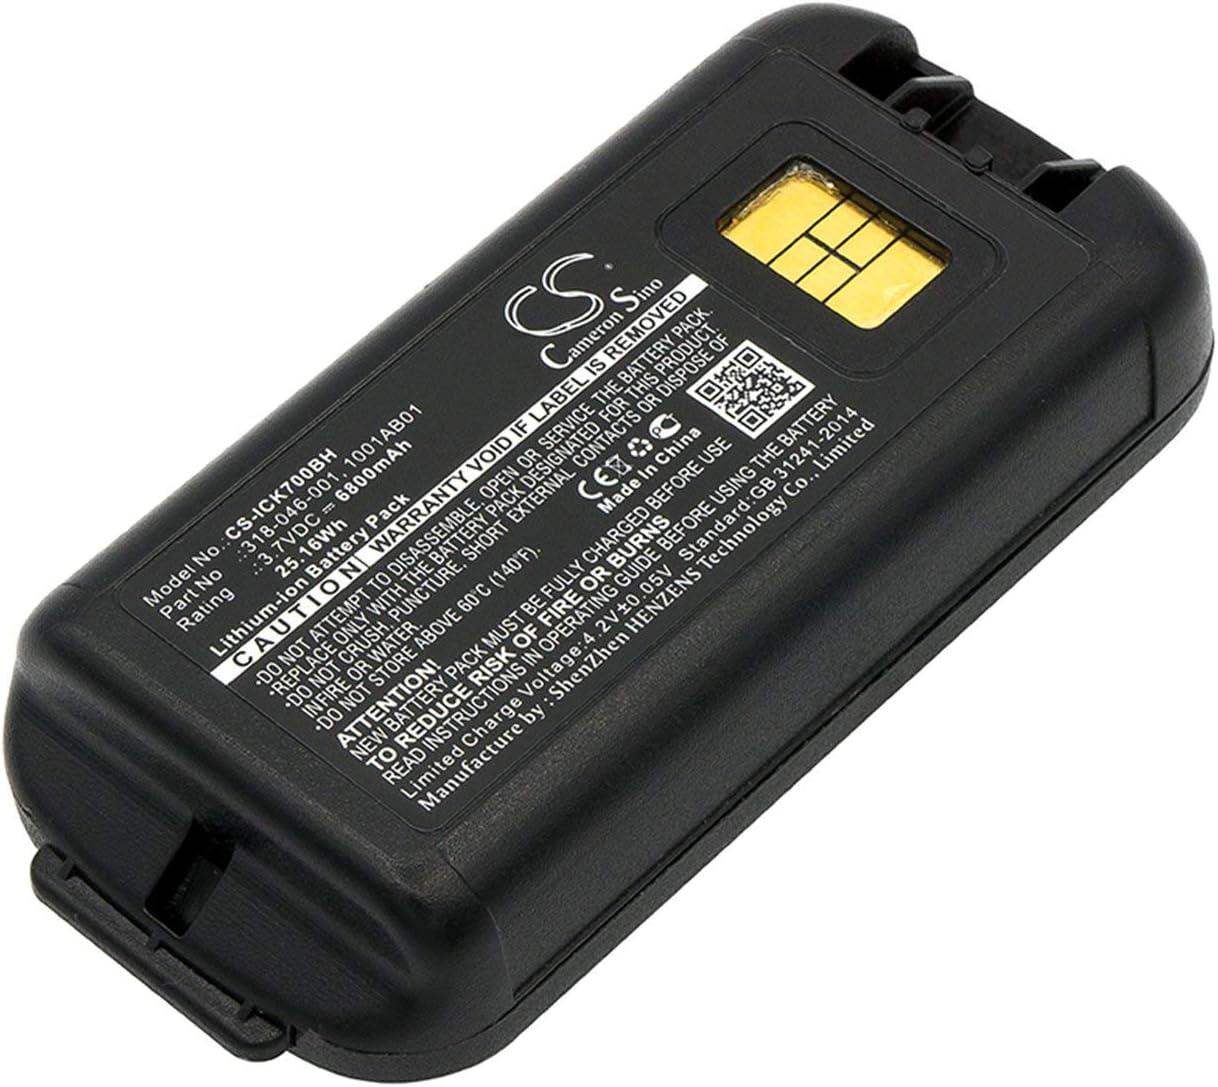 VINTRONS 6800mAh INTERMEC Max 68% OFF 1001AB01 318-0 1001AB02 New sales 318-046-001